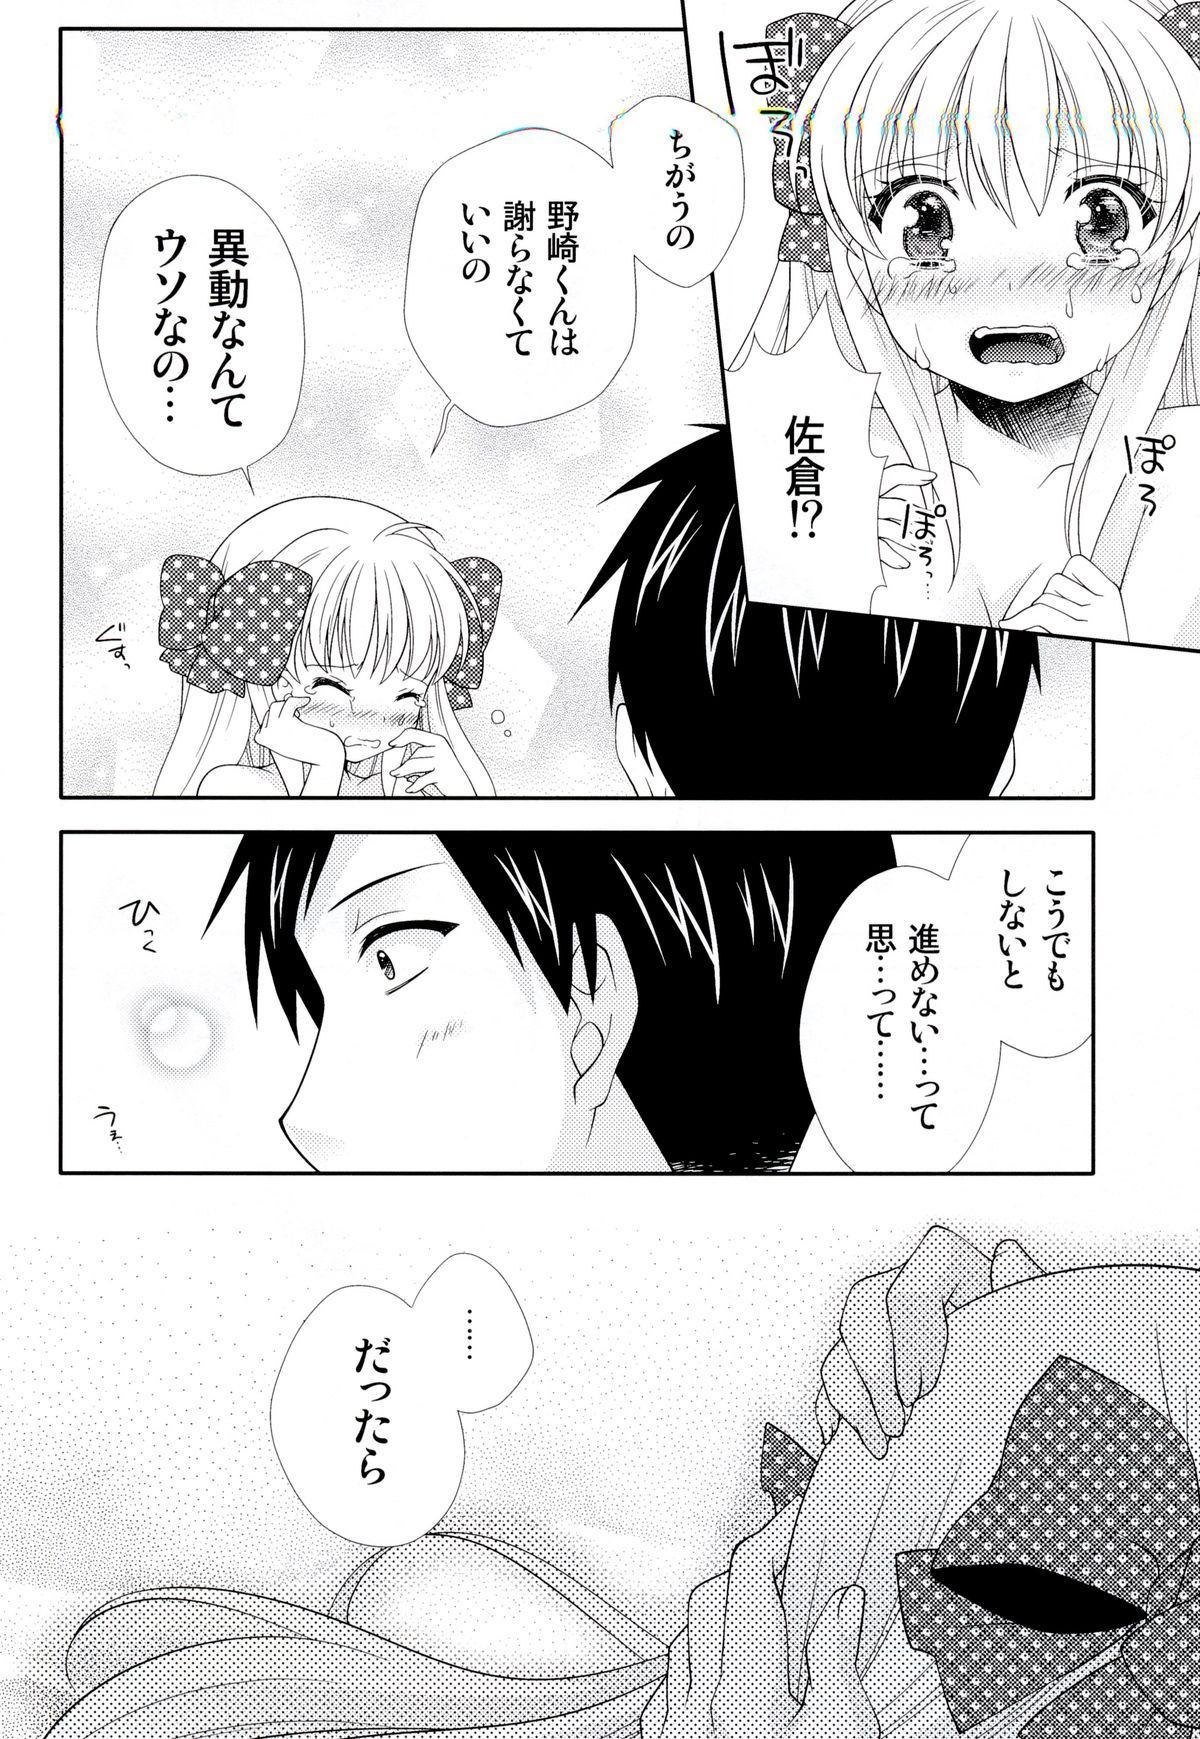 Nozaki-kun, Watashi ni Tetsudaeru koto, Aru? 21